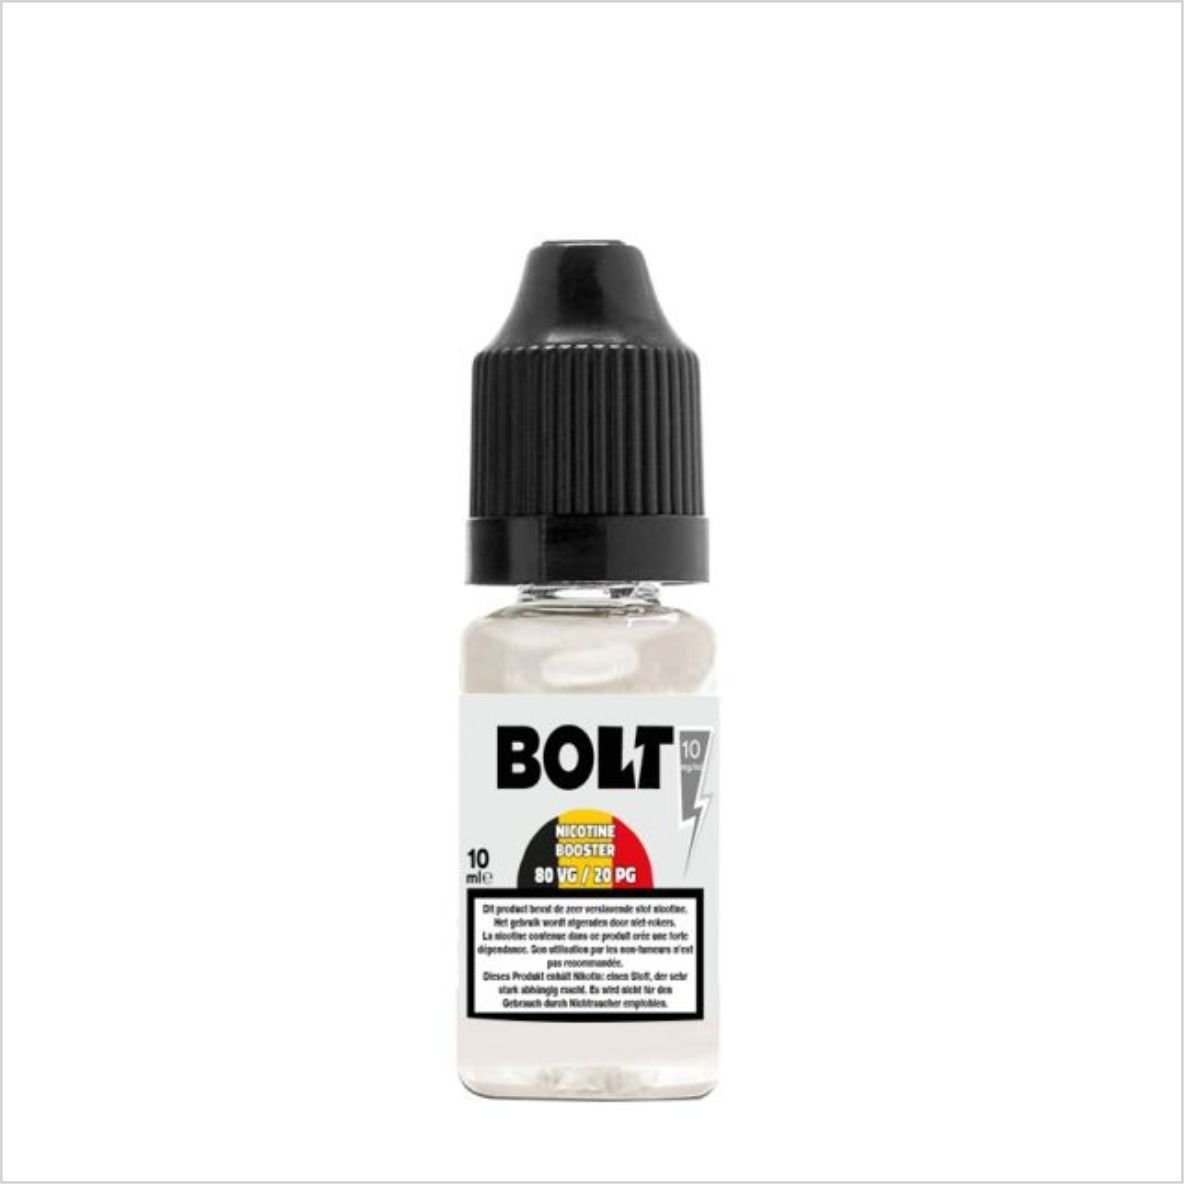 BOLT Booster 50VG